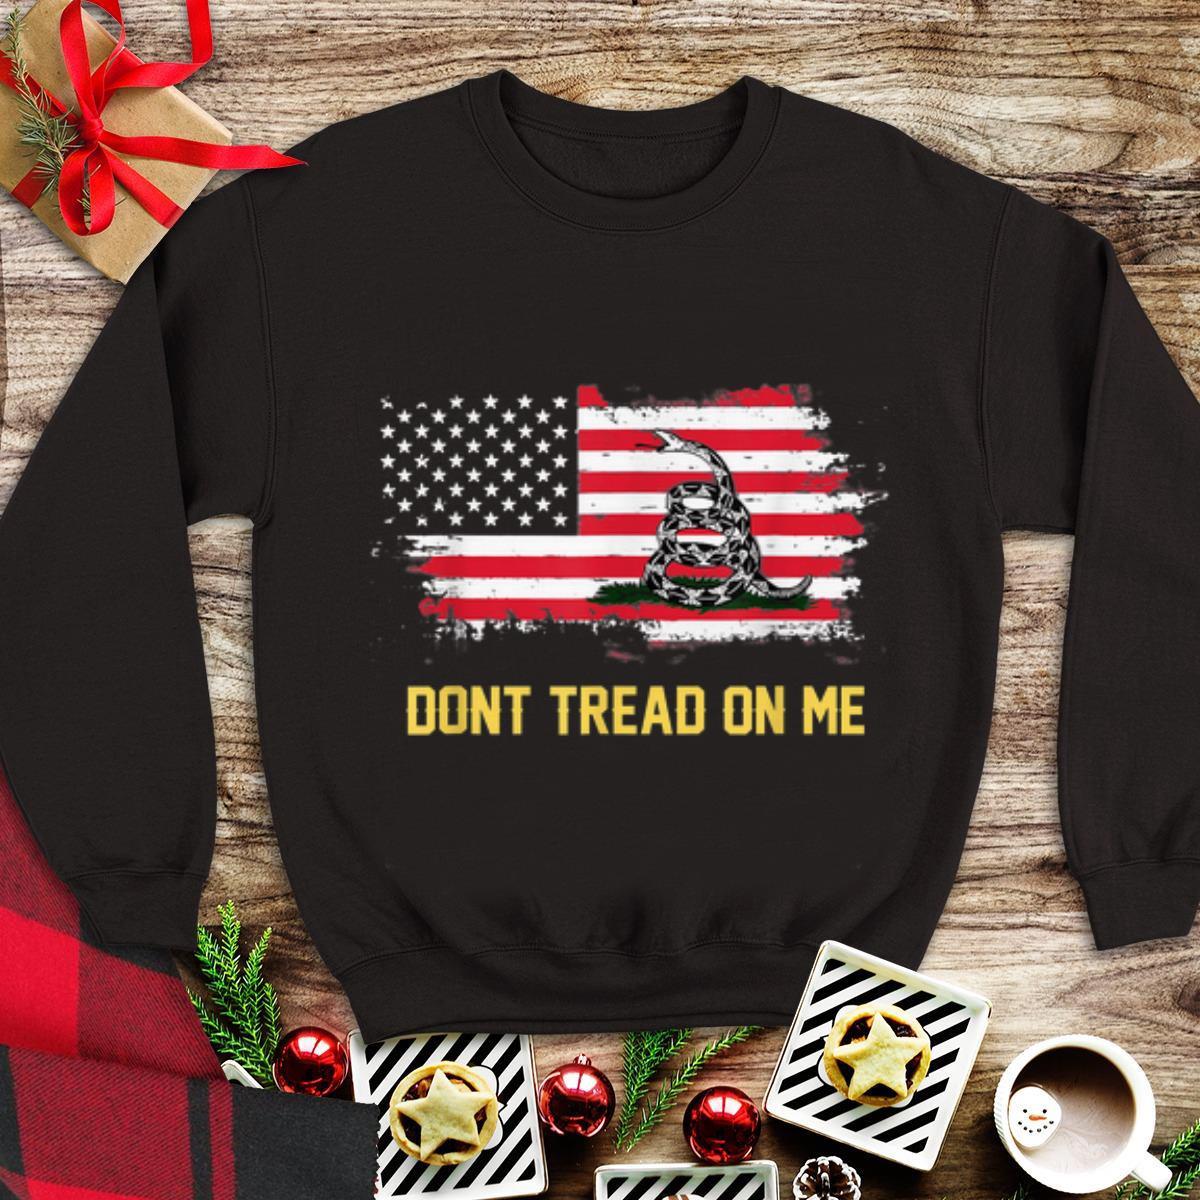 Snake Chris Pratt Don t Tread On Me American Flag tank top 1 - Snake Chris Pratt Don't Tread On Me American Flag tank top